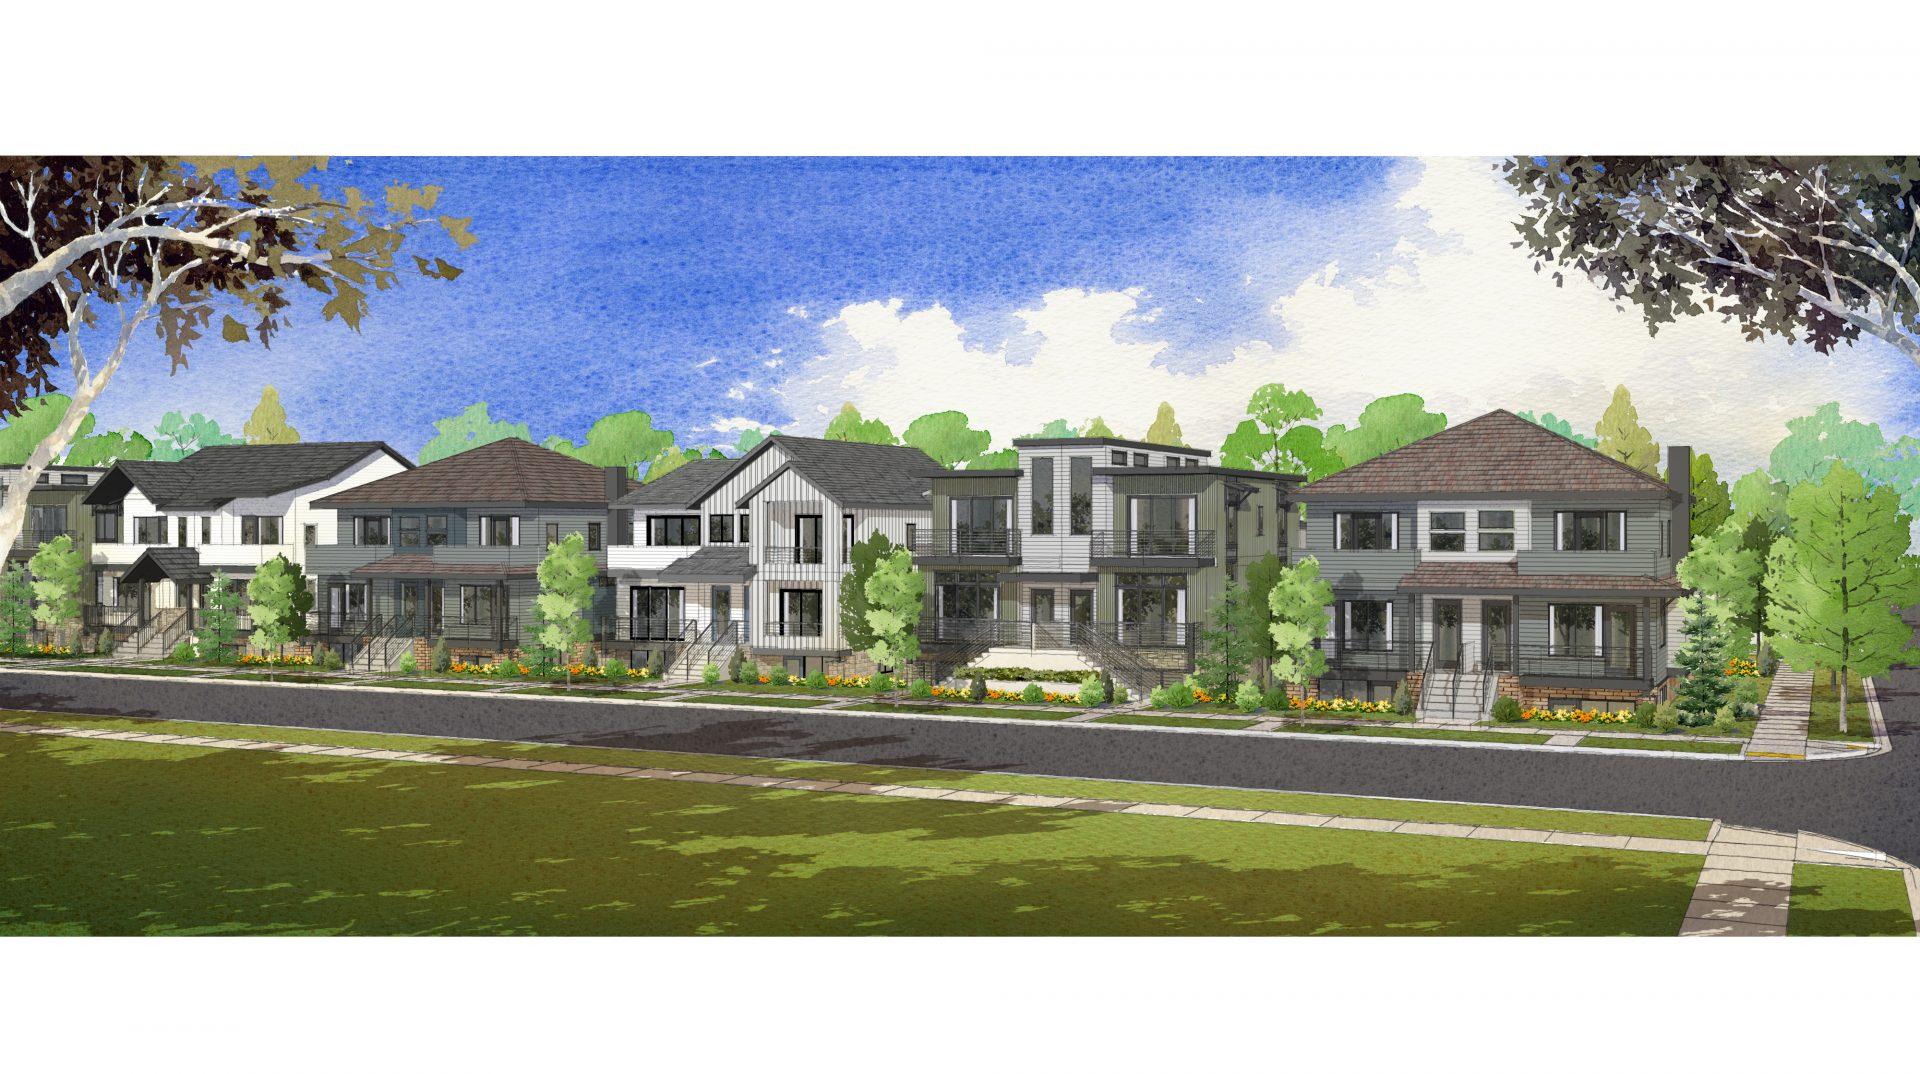 Willson 6 community rendering of homes along street